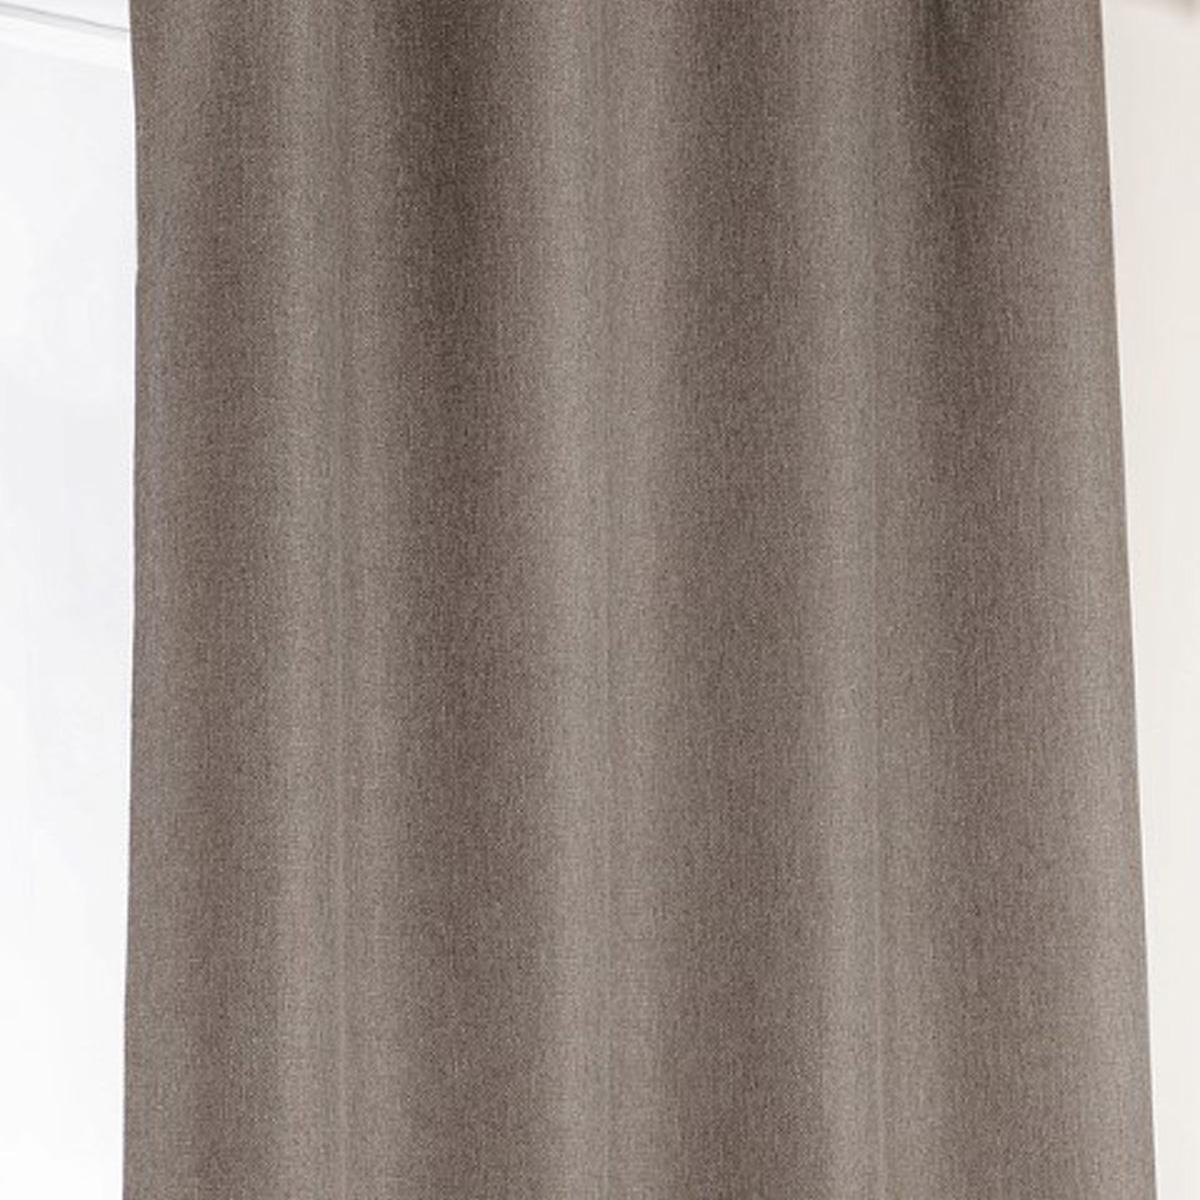 Rideau occultant à galon fronceur - Taupe - 140 x 240 cm